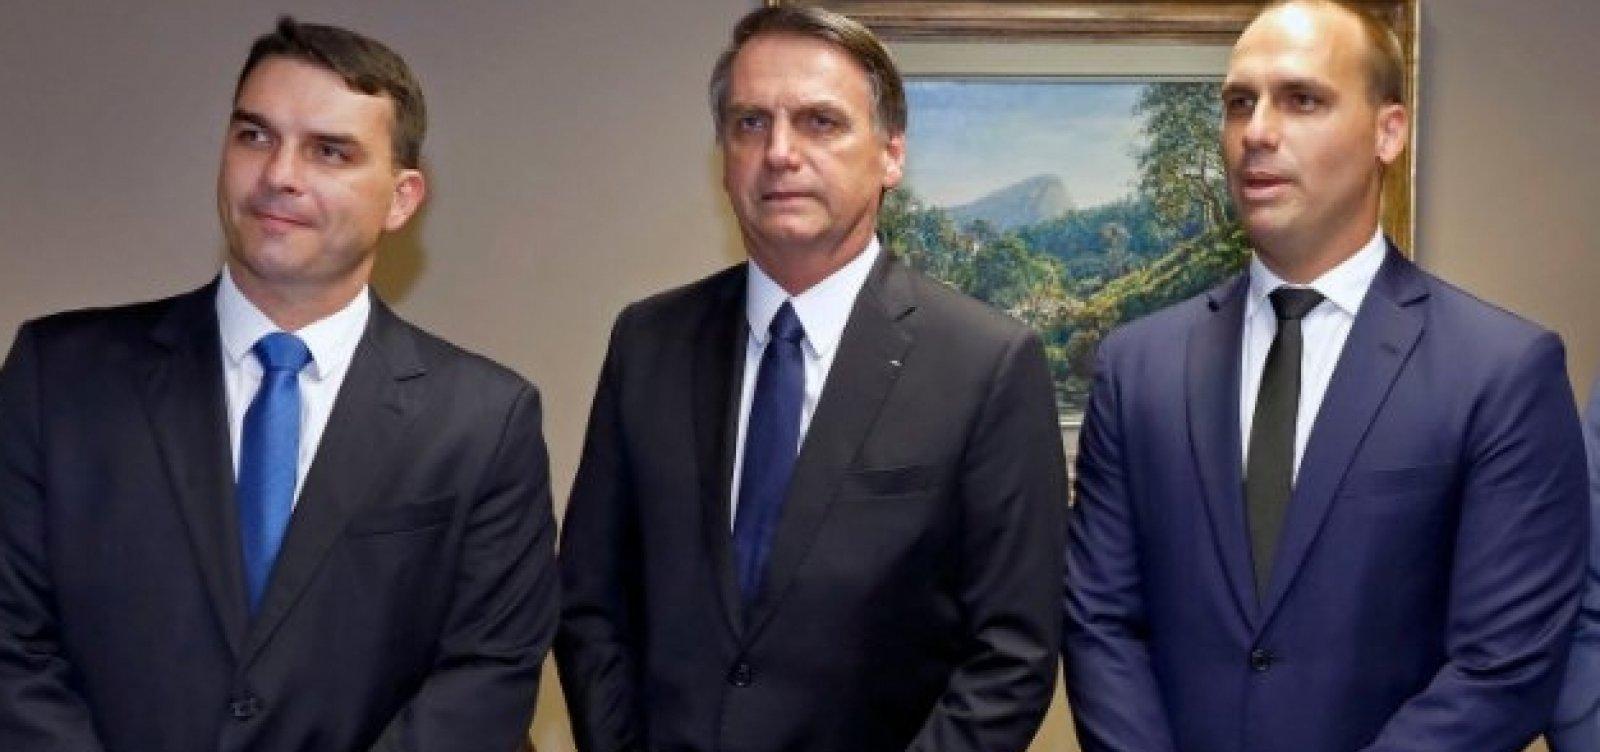 [Com presidentes aliados no Congresso, filhos de Bolsonaro articulam assuntos de interesse do pai]